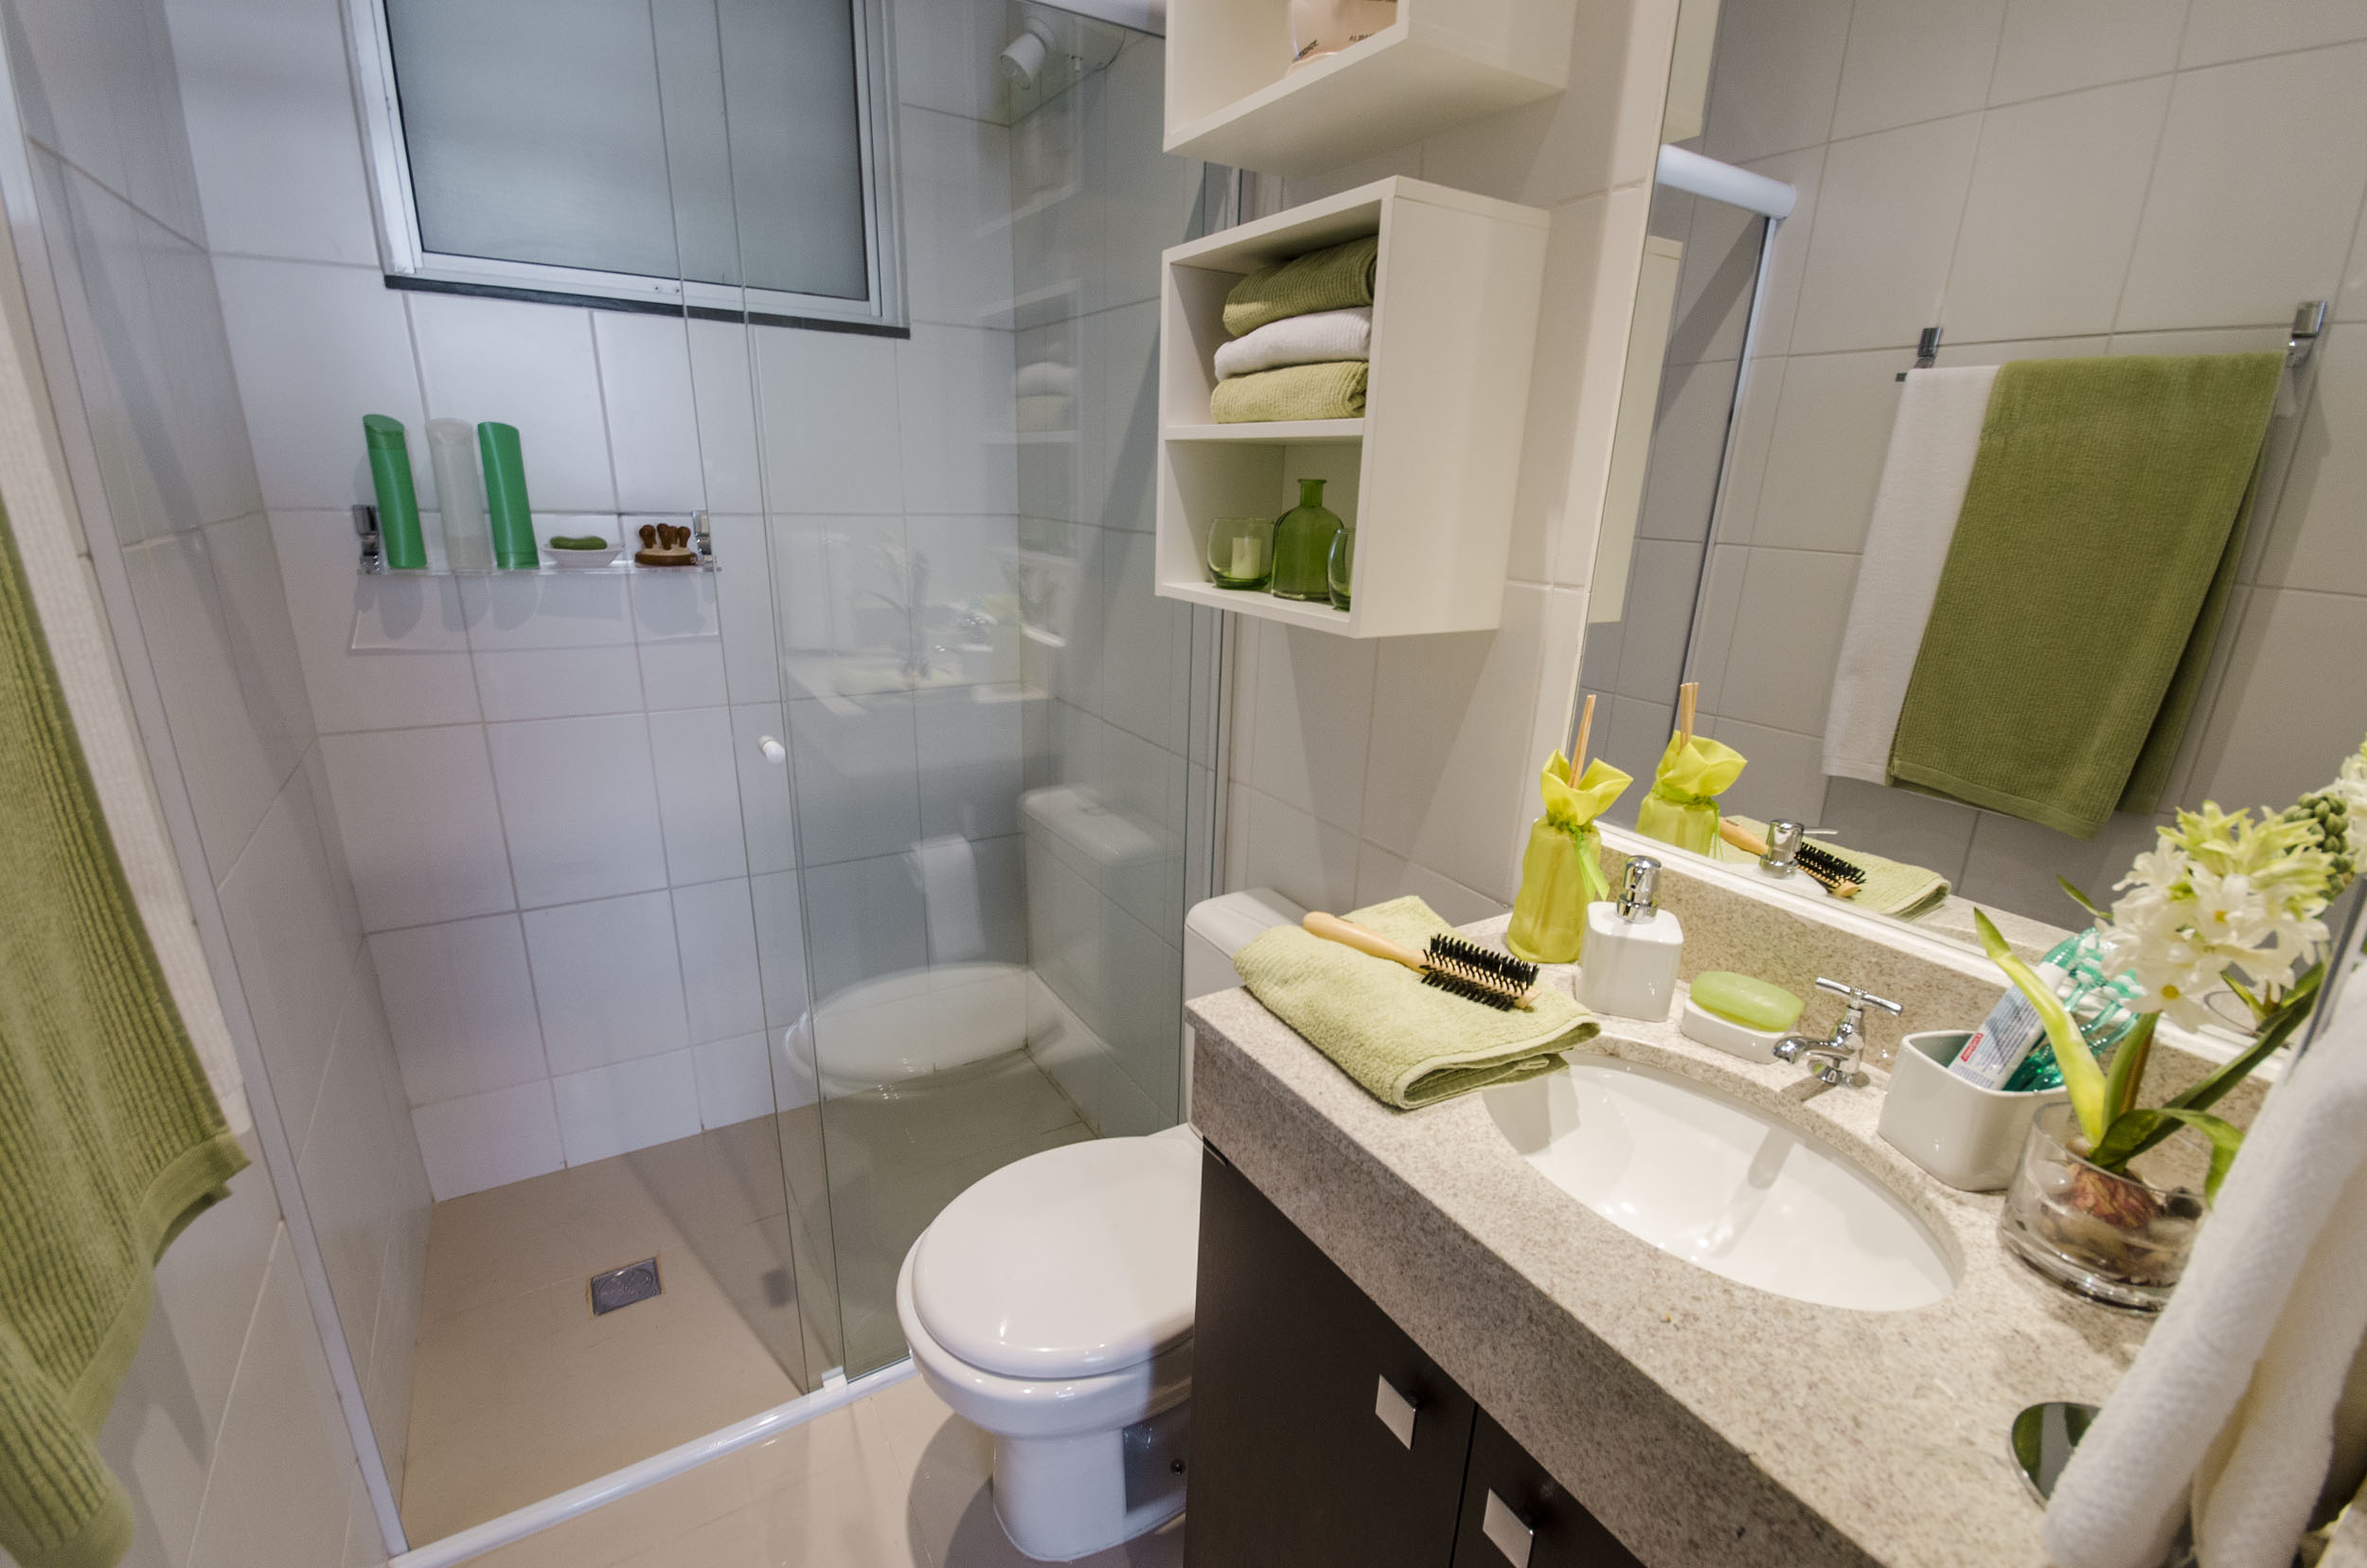 5 ideias para decocar banheiros  Blog Corporativo MRV Engenharia  Mercado I -> Nicho Para Banheiro Campinas